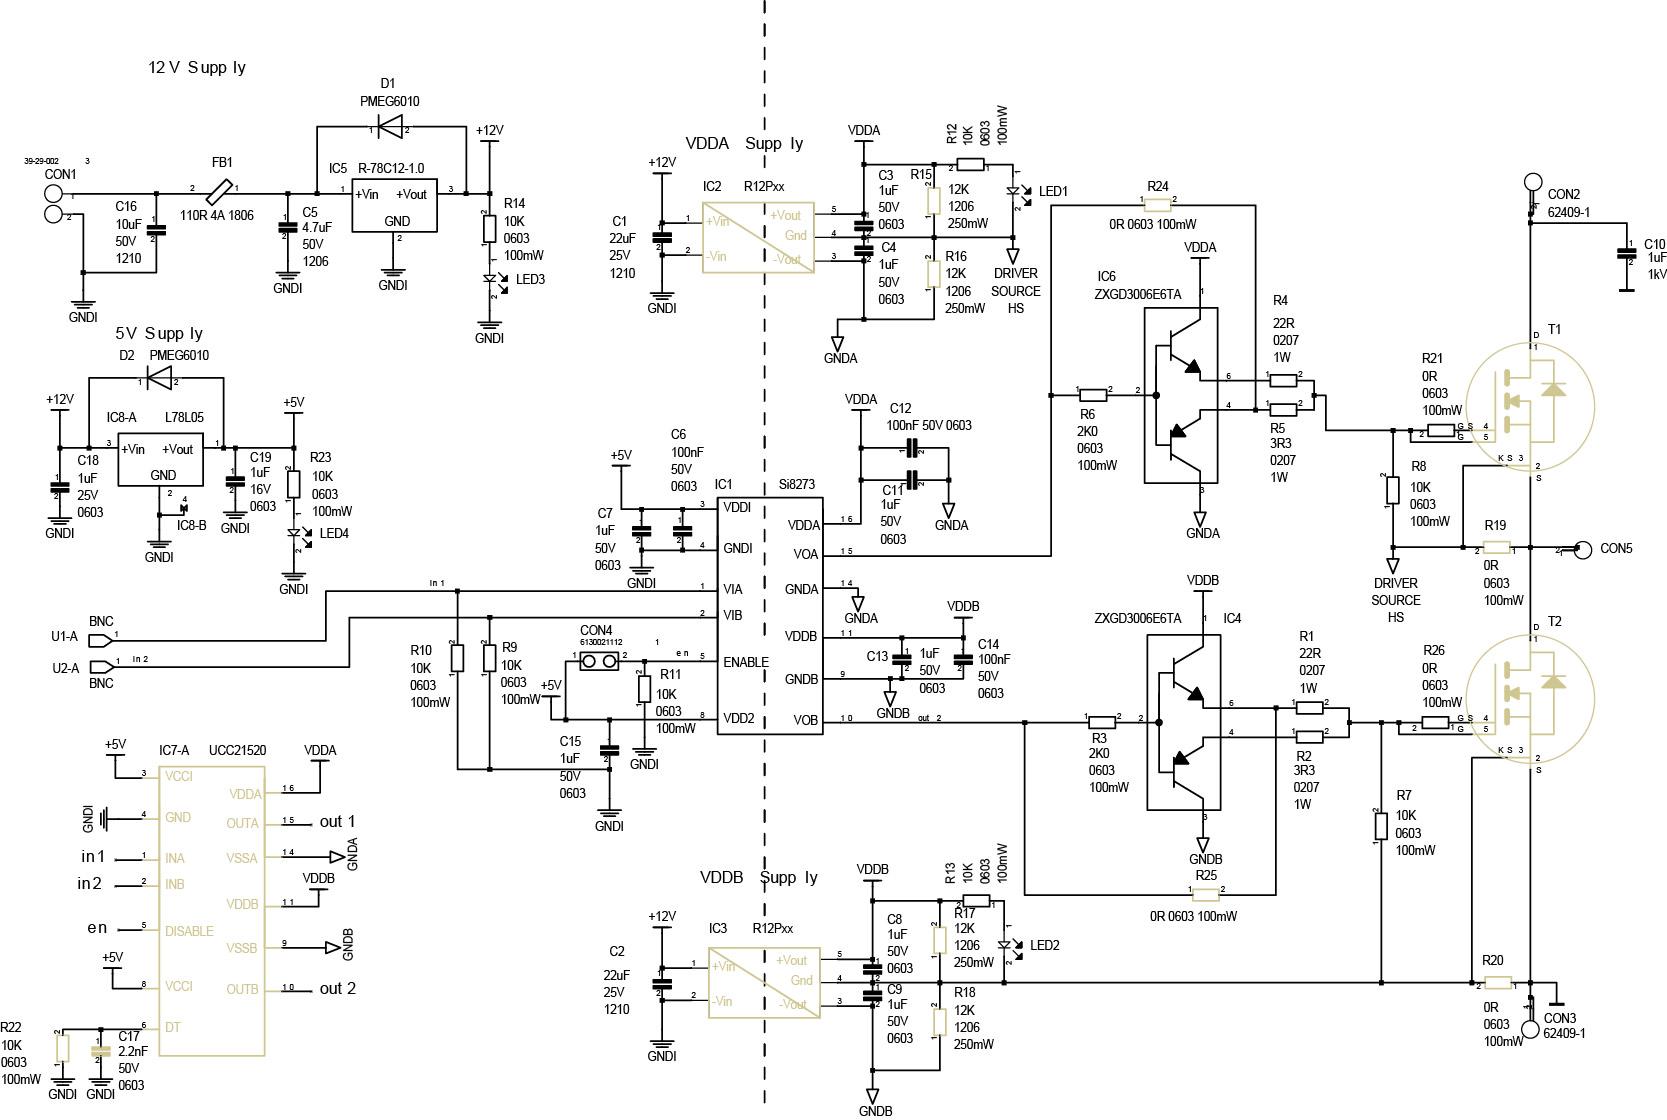 Схема отладочной платы R-REF01-HB